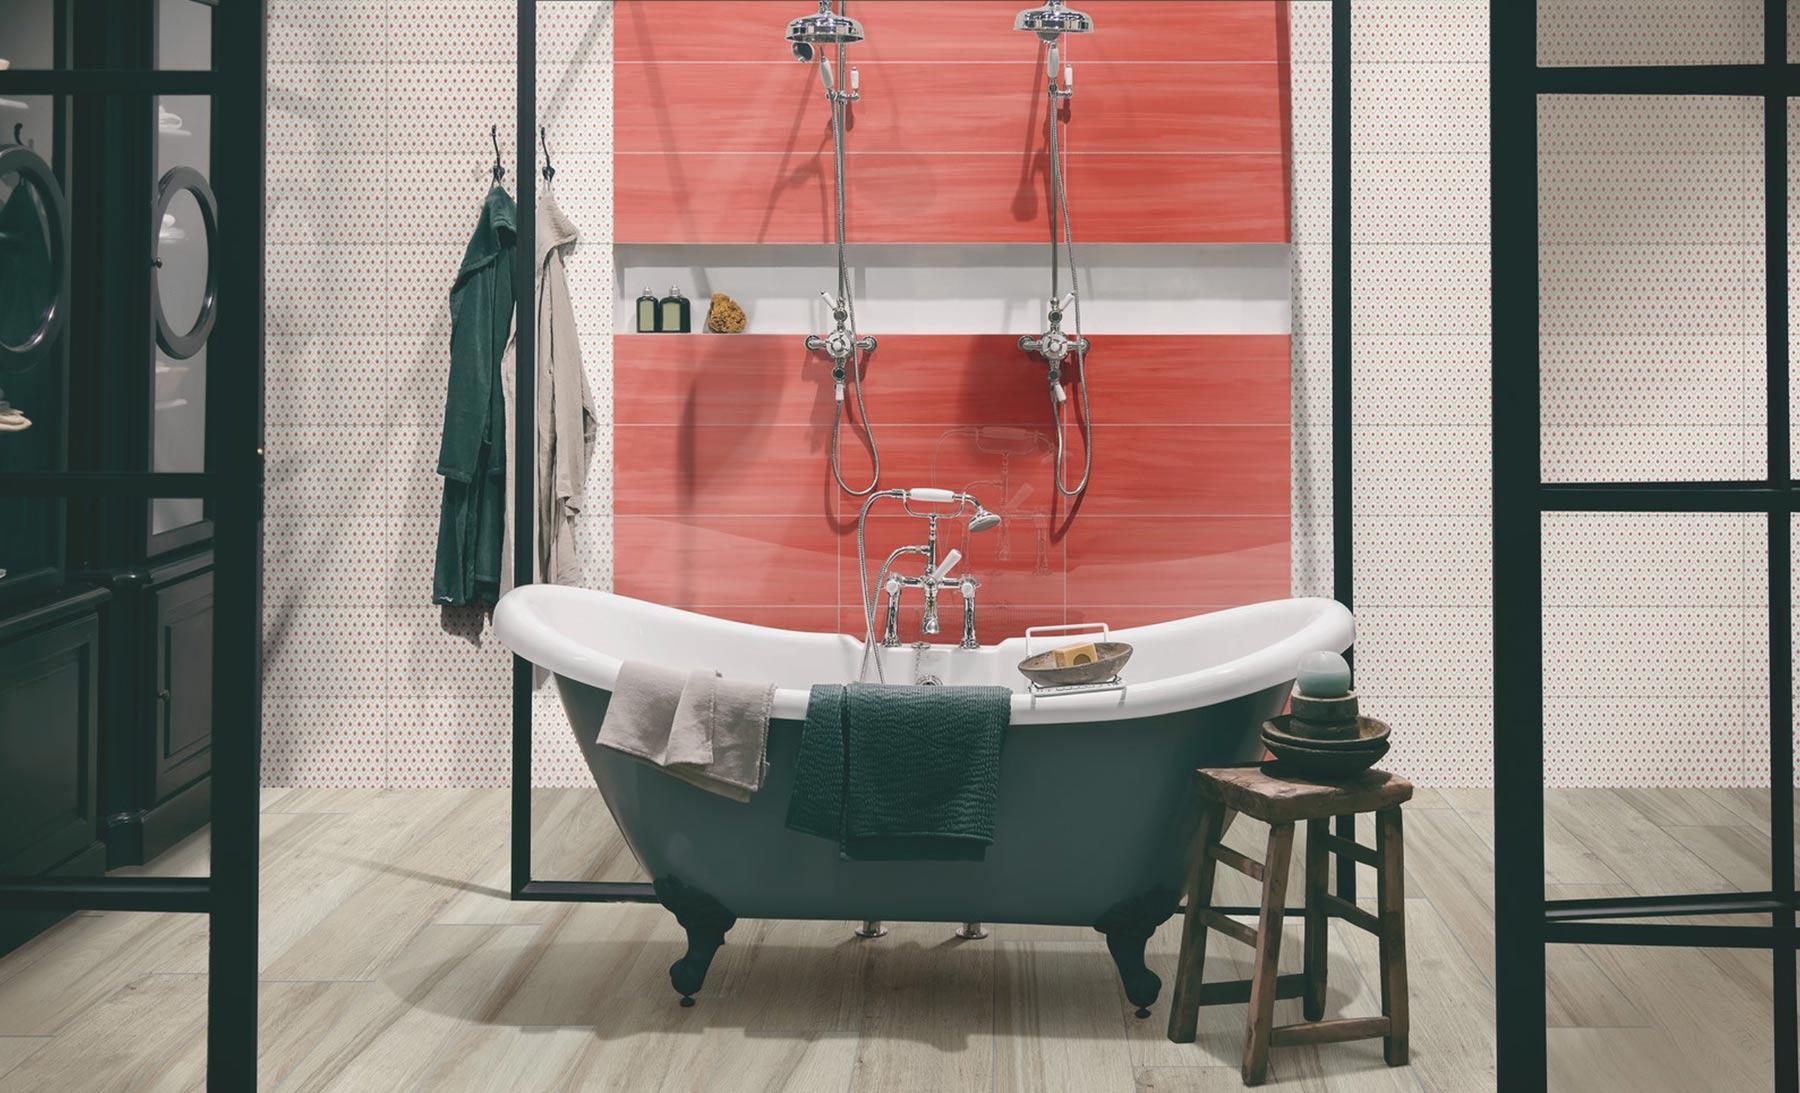 Marchioro Proposta Bagno Red Glossy